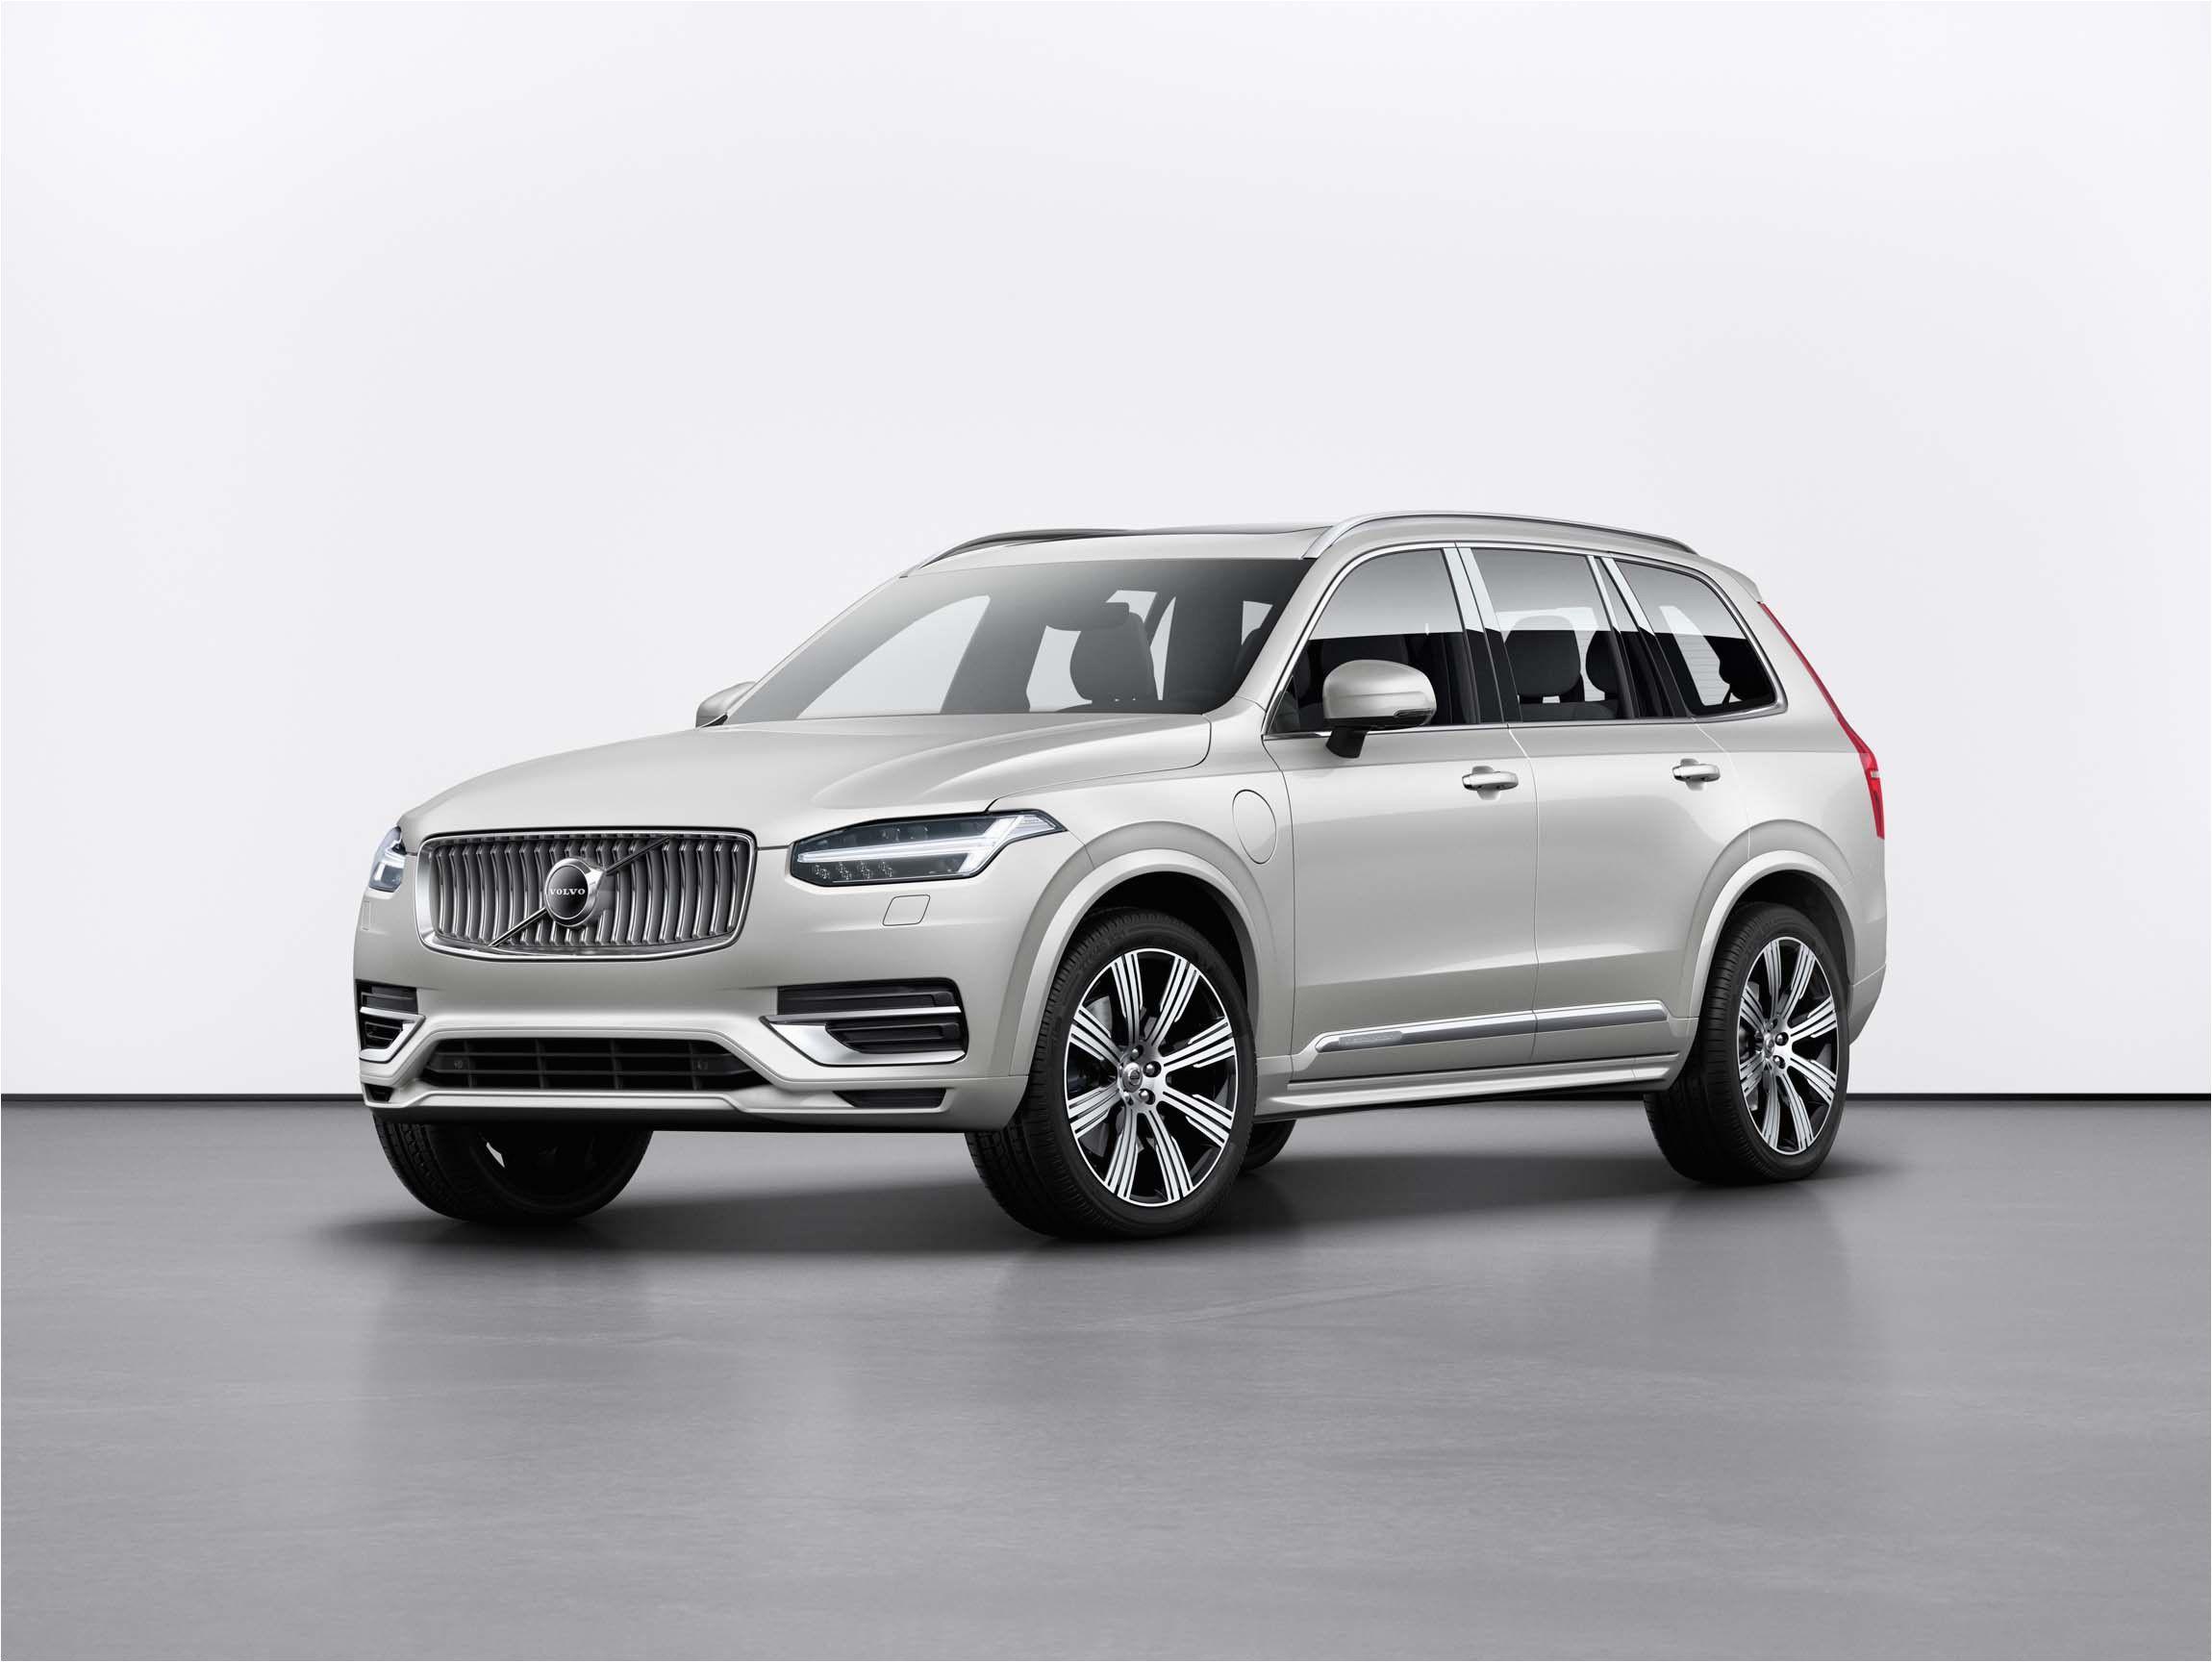 Volvo Hybrid Cars 2020 In 2020 Volvo Xc90 Volvo Neuwagen